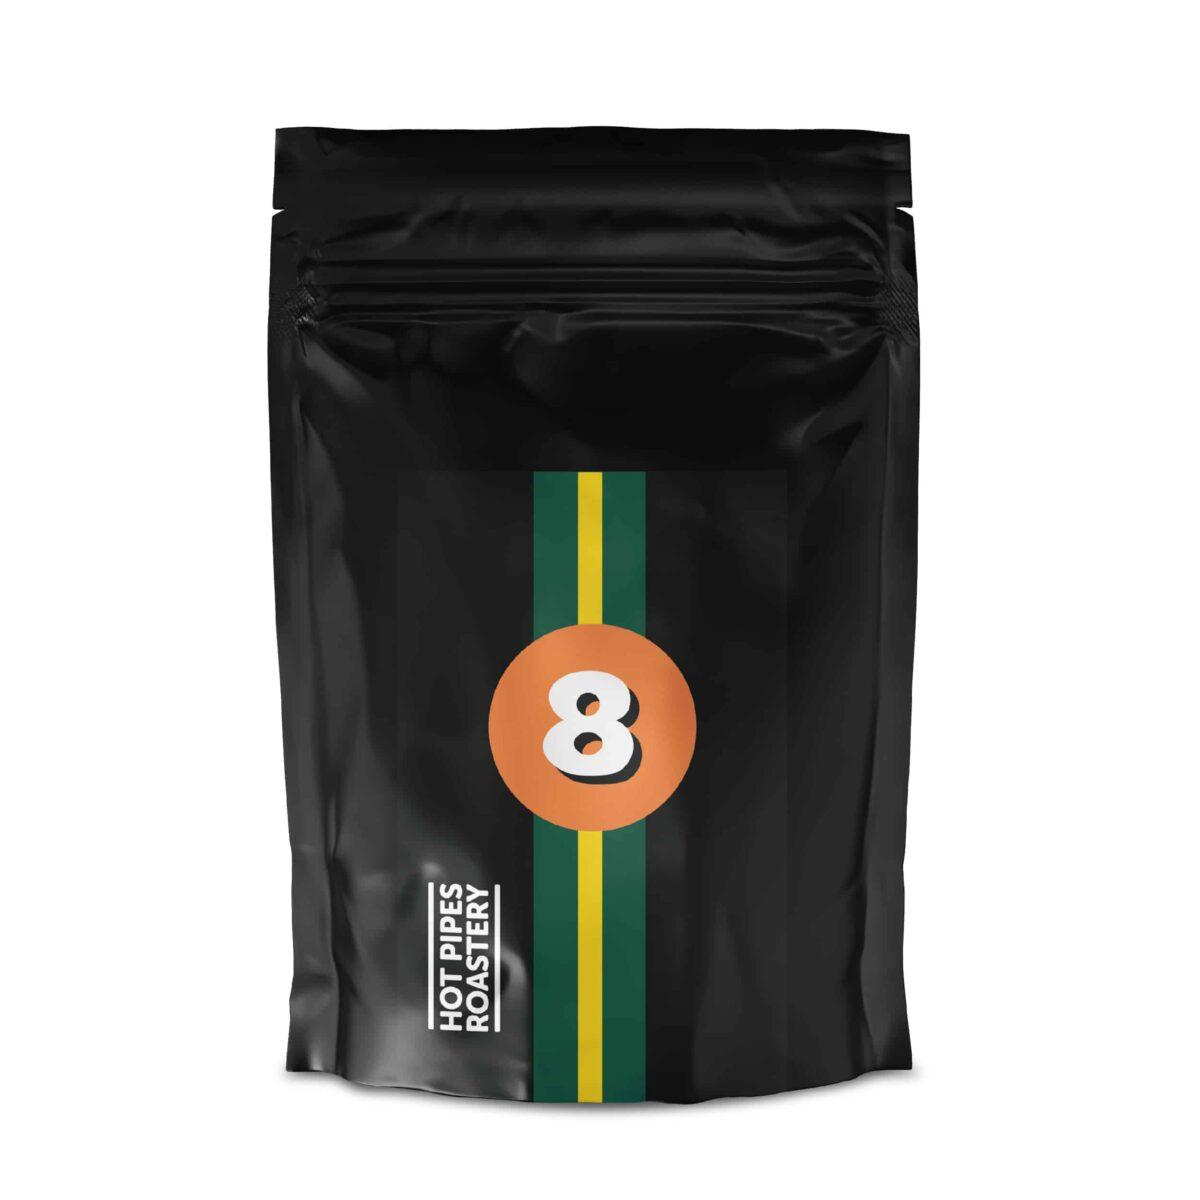 cafea rwanda, cafea boabe, cafea proaspat prajita, cafea 100% arabica